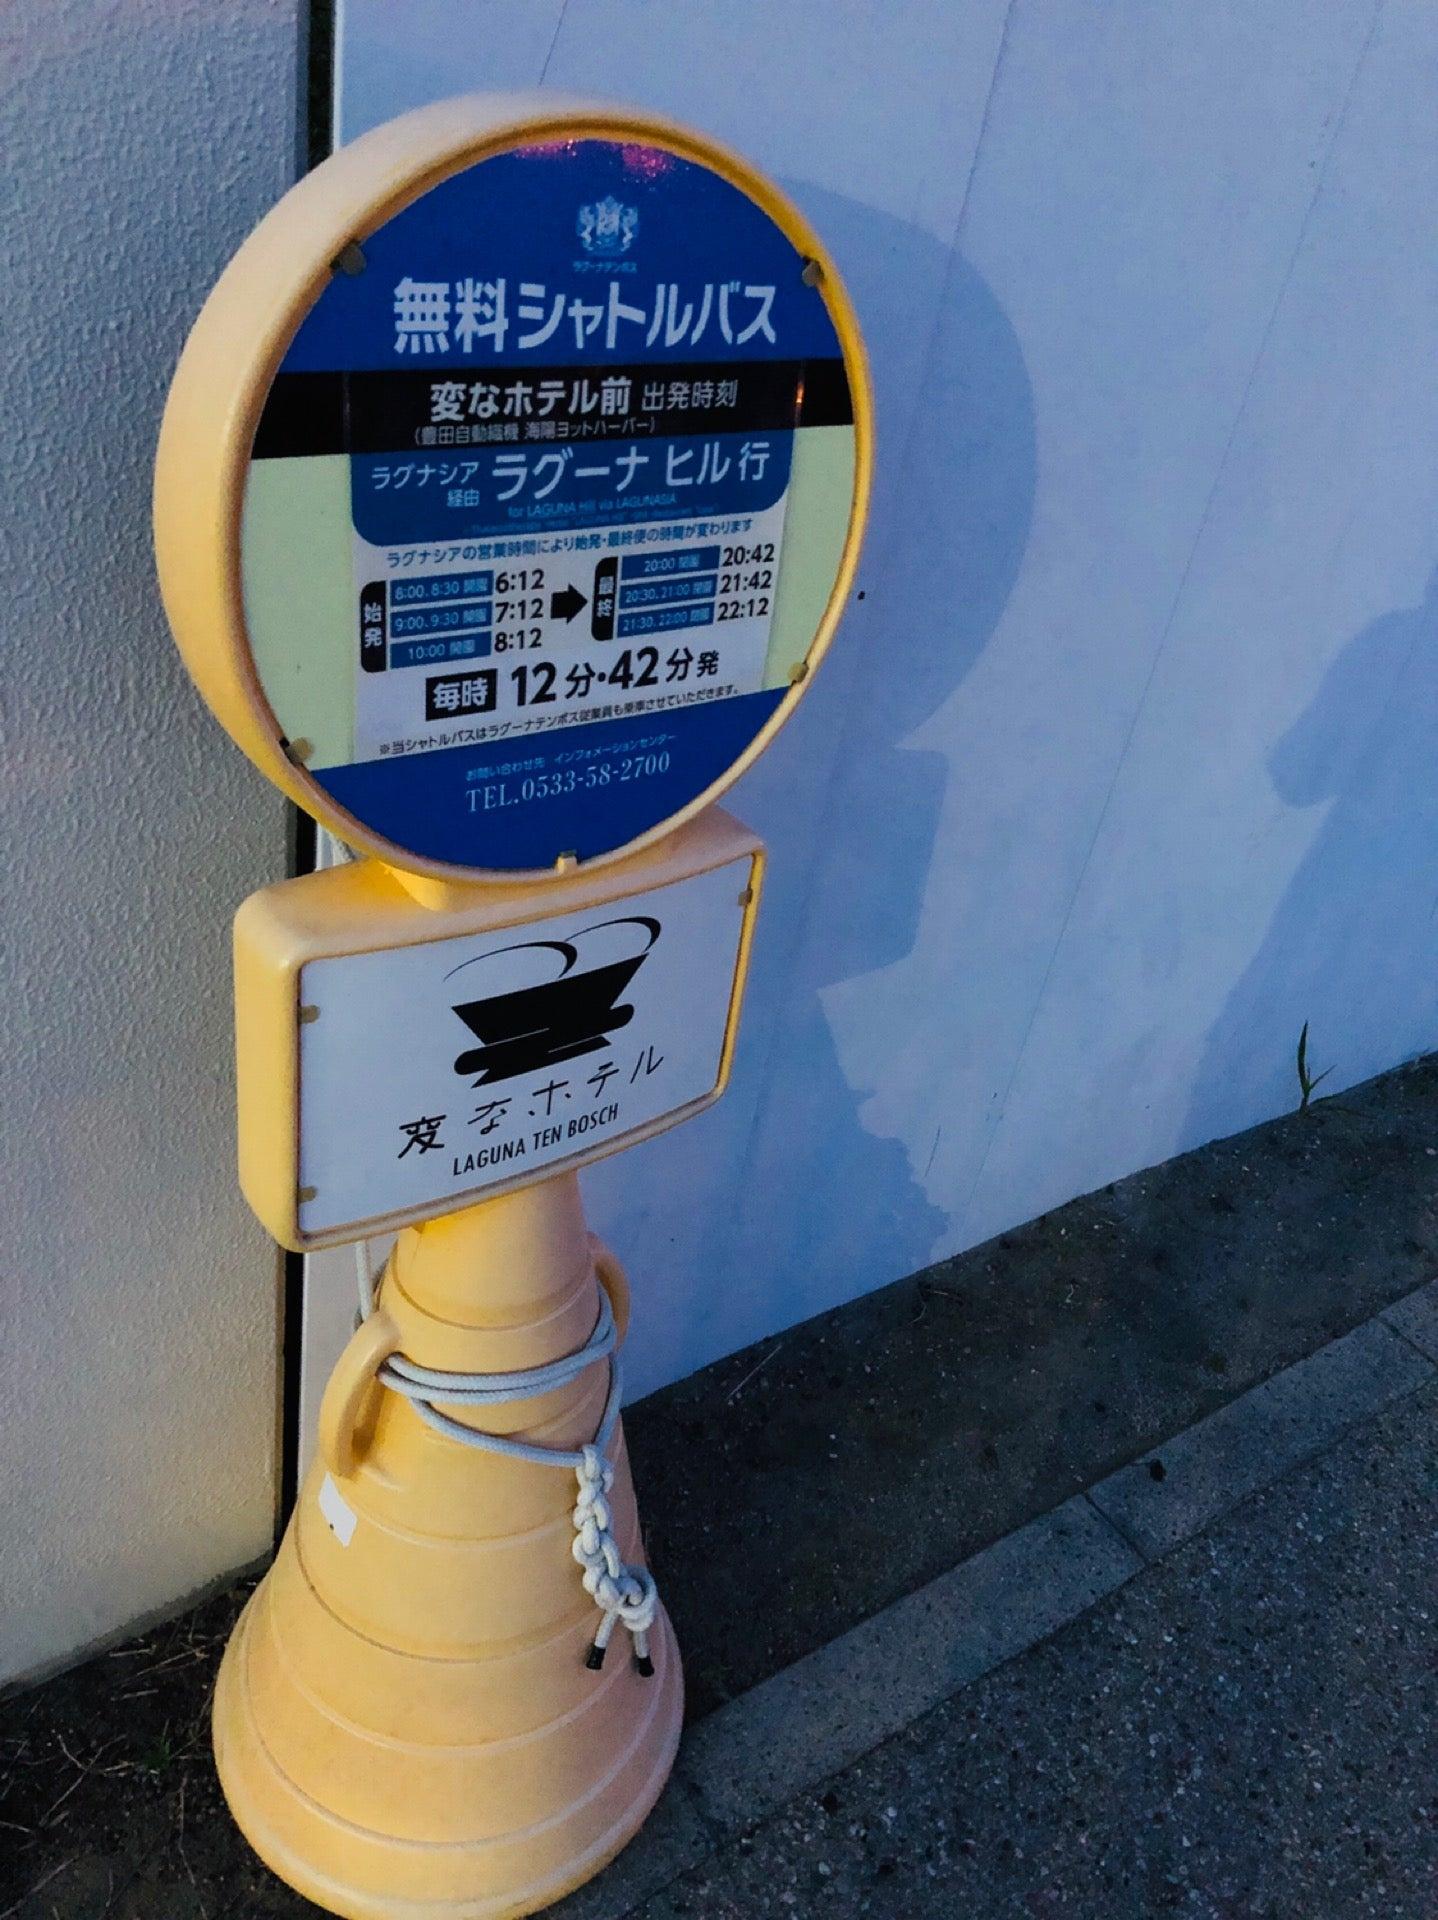 足が痛くて歩くのつらいからシャトルバスで行くぞー(;´∀`) (@ 変なホテル ラグーナテンボス in 蒲郡市, 愛知県) https://t.co/5ntRLoFQis https://t.co/gkeZnD35ec